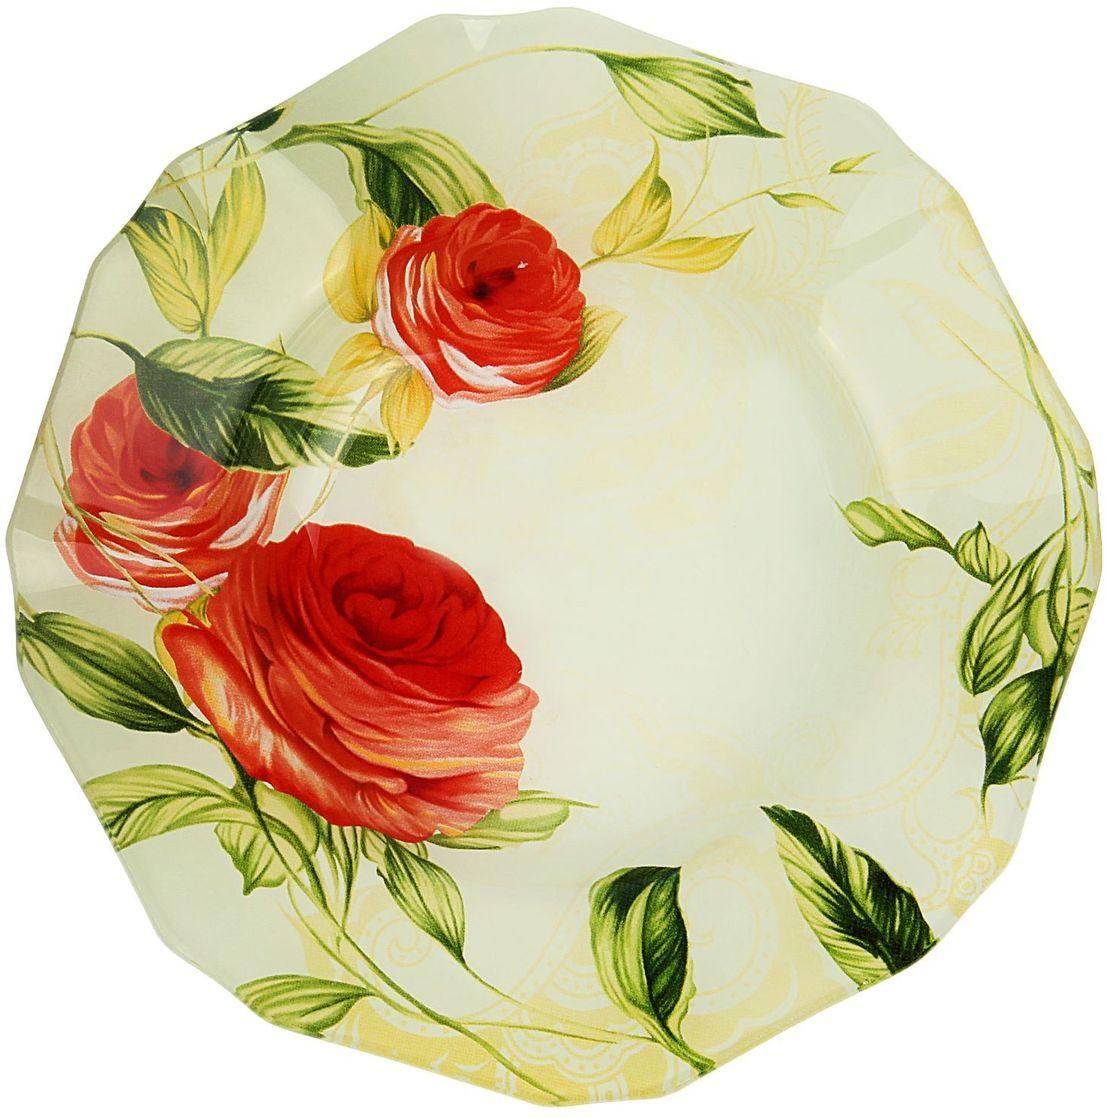 Тарелка глубокая Доляна Чайная роза, диаметр 20 см230626Тарелка Доляна с природными мотивами в оформлении разнообразит интерьер кухни и сделает застолье самобытным и запоминающимся. Качественное стекло не впитывает запахов, гладкая поверхность обеспечивает легкость мытья.Рекомендуется избегать использования абразивных моющих средств.Делайте любимый дом уютнее!